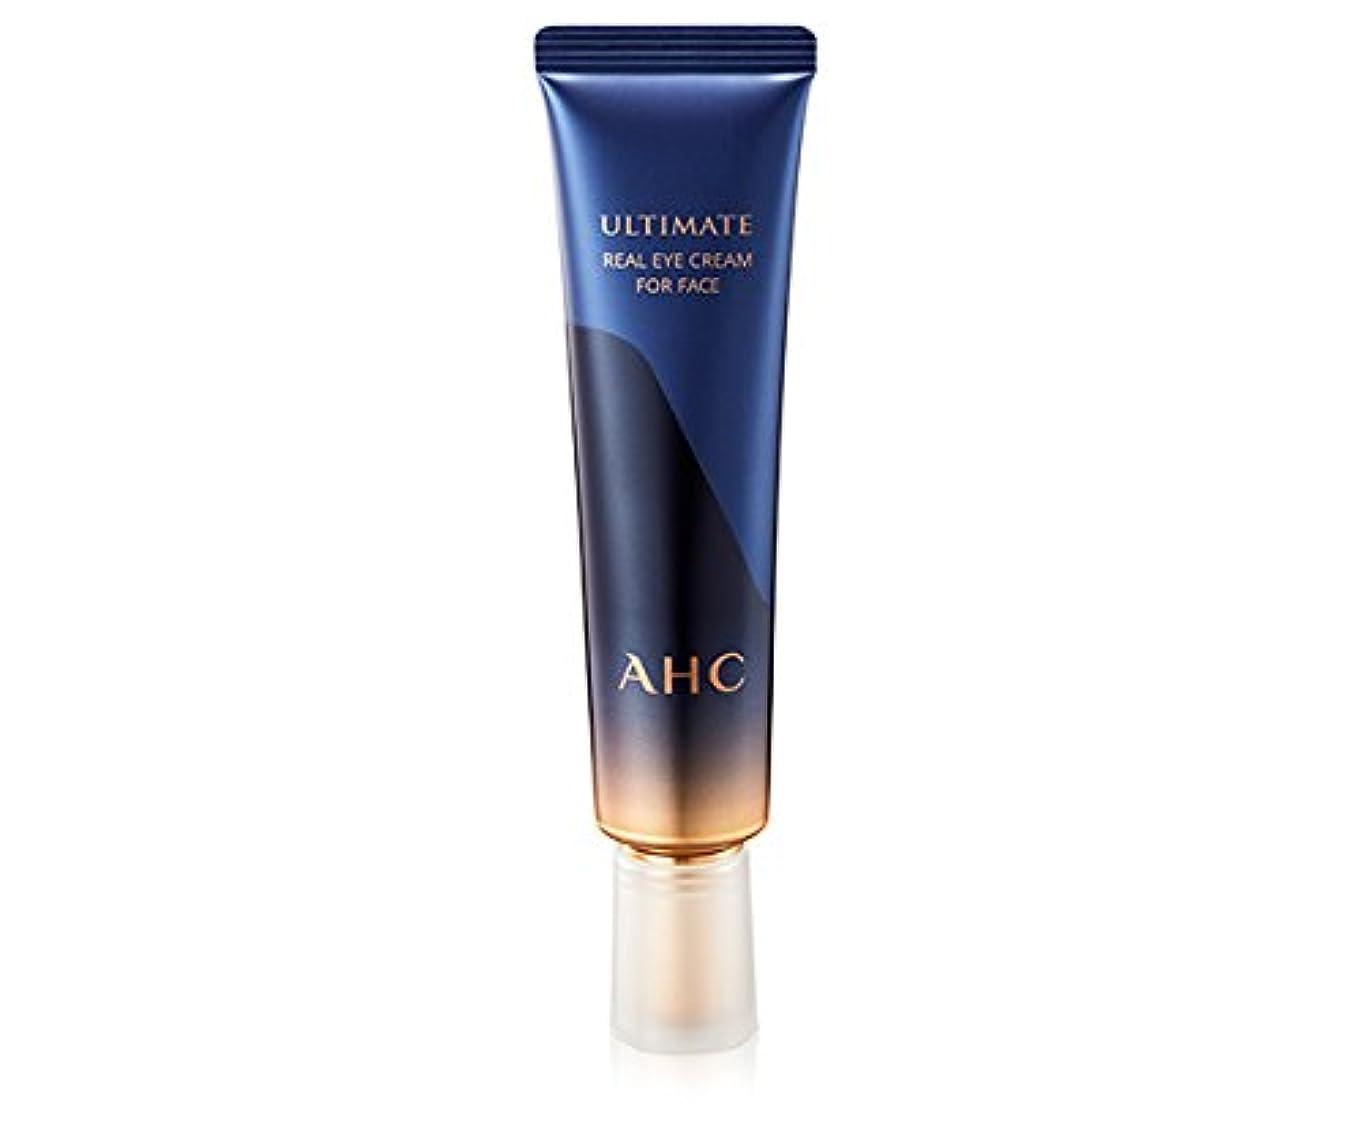 すずめ接触アクセス[New] AHC Ultimate Real Eye Cream for Face 30ml/AHC アルティメット リアル アイクリーム フォー フェイス 30ml [並行輸入品]